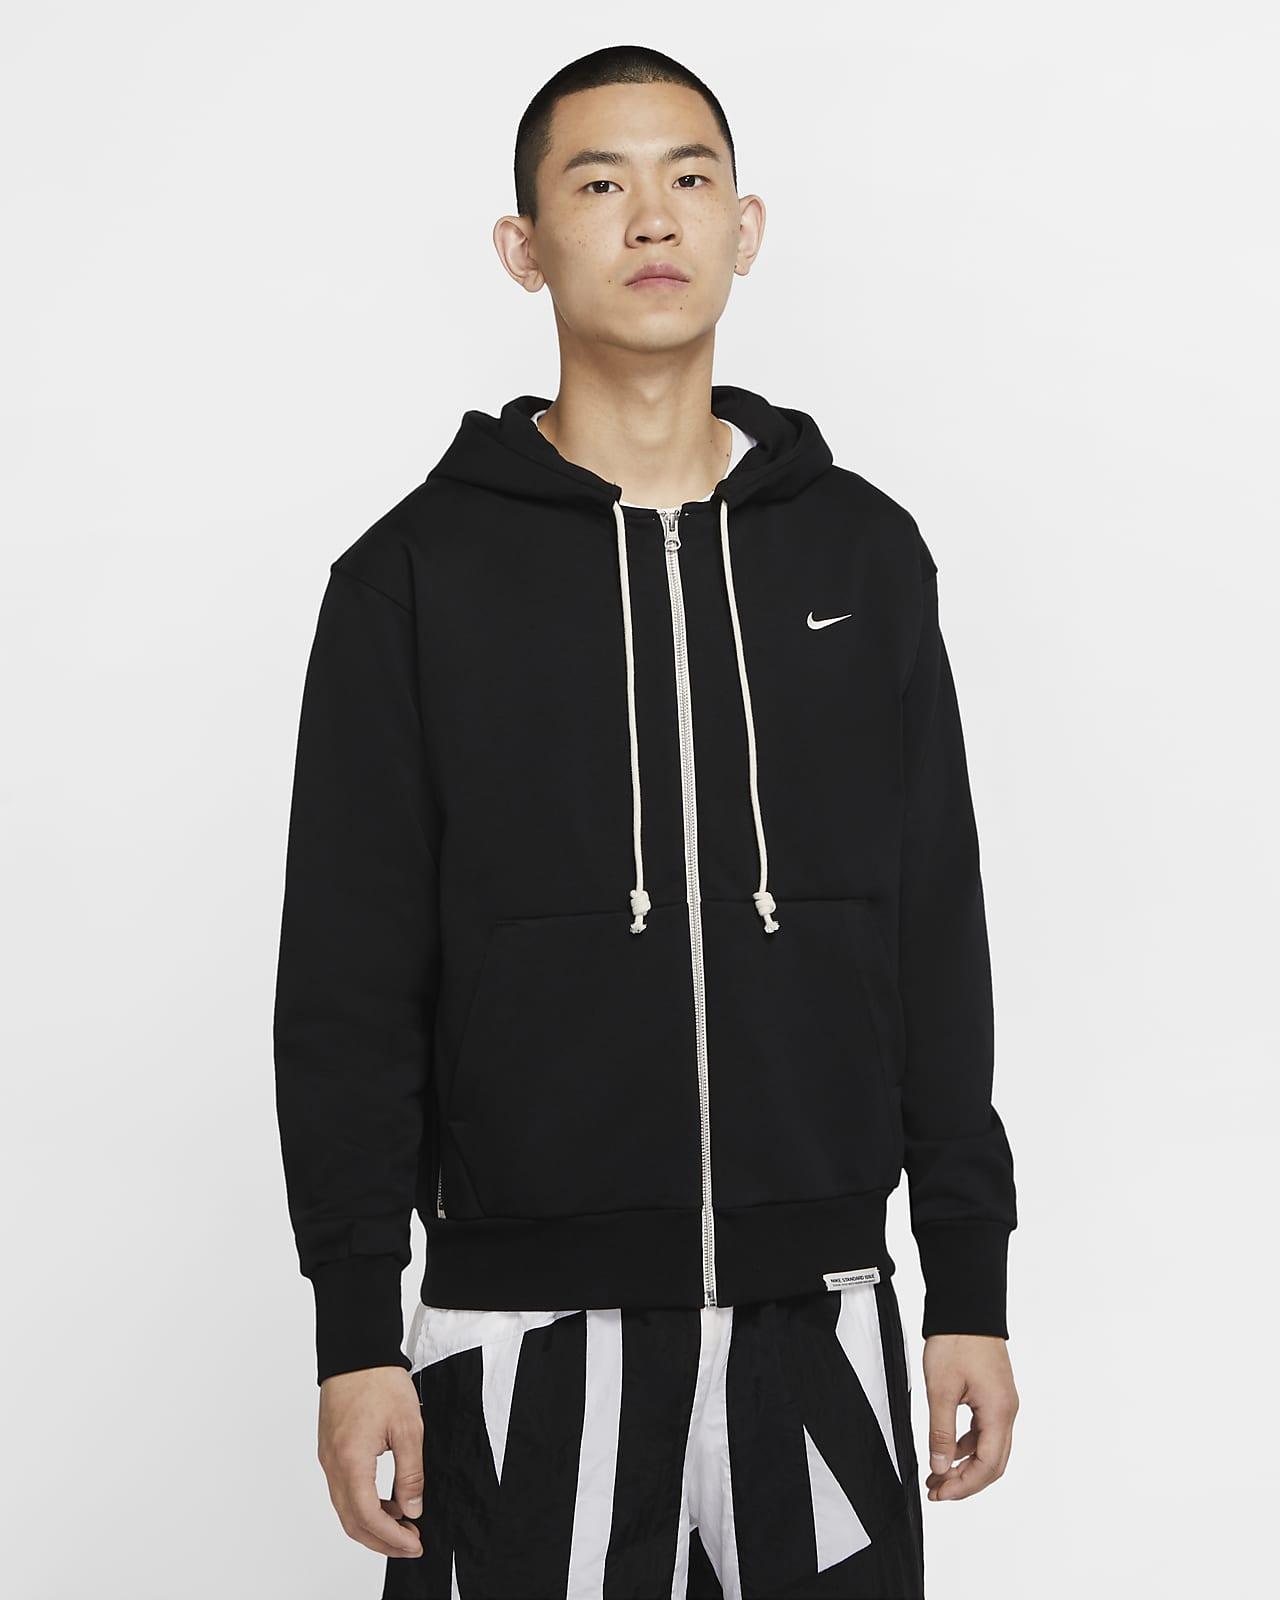 Nike Dri-FIT Standard Issue Men's Full-Zip Basketball Hoodie